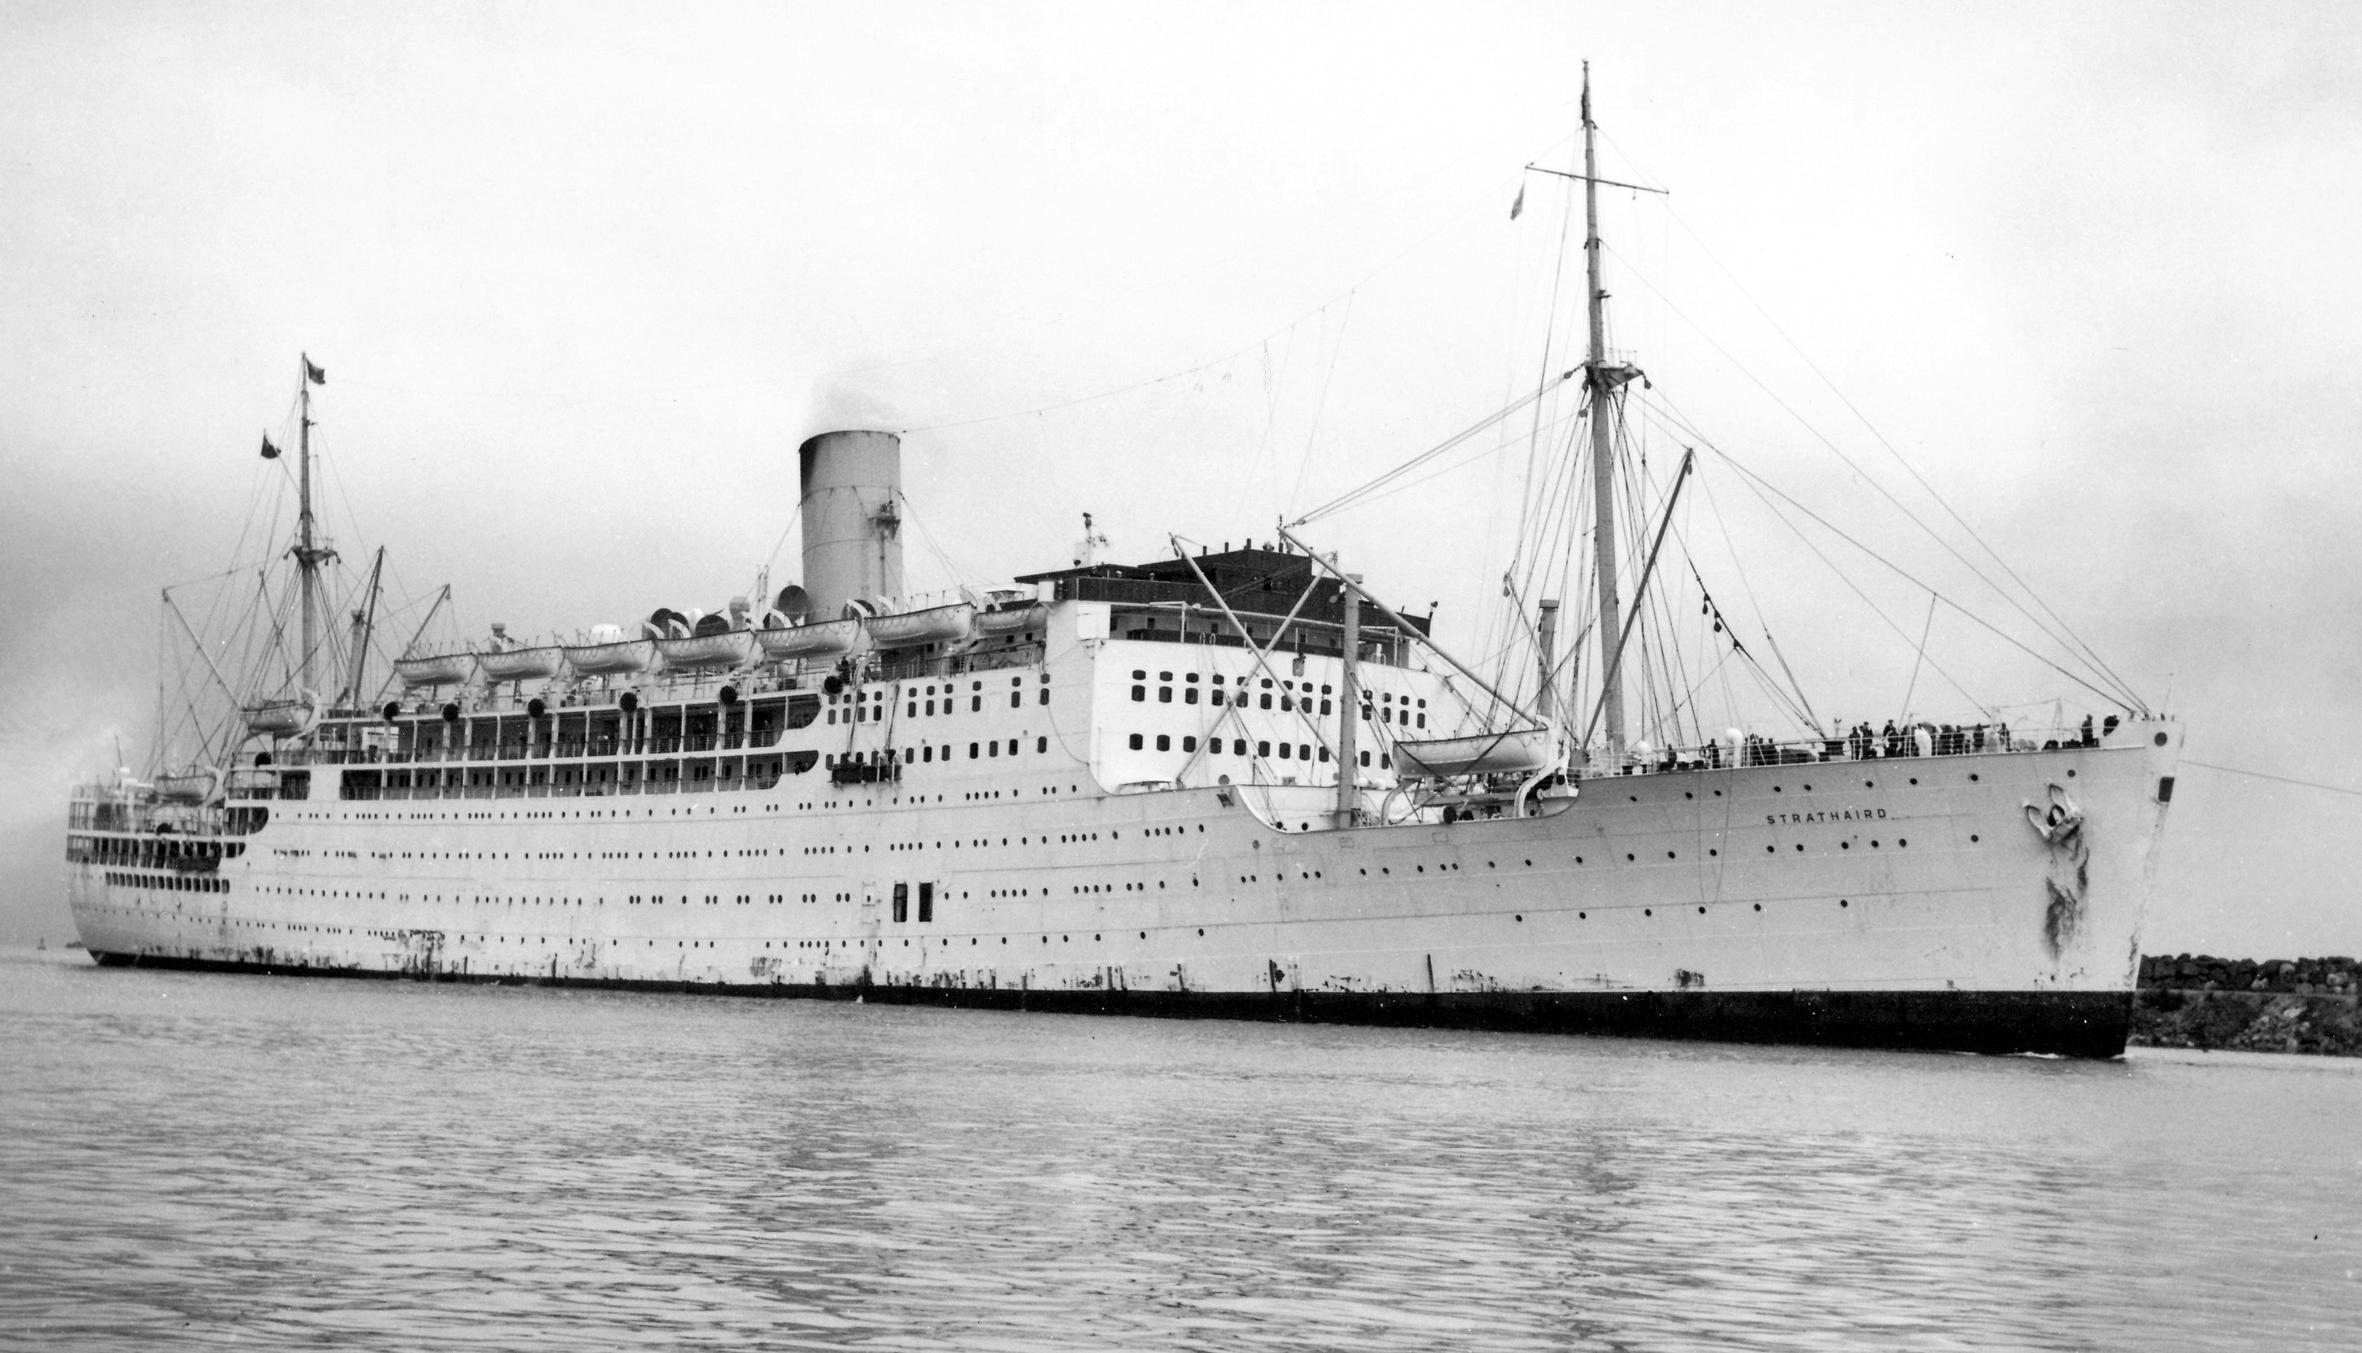 1948 - Strathaird arriving at Fremantle